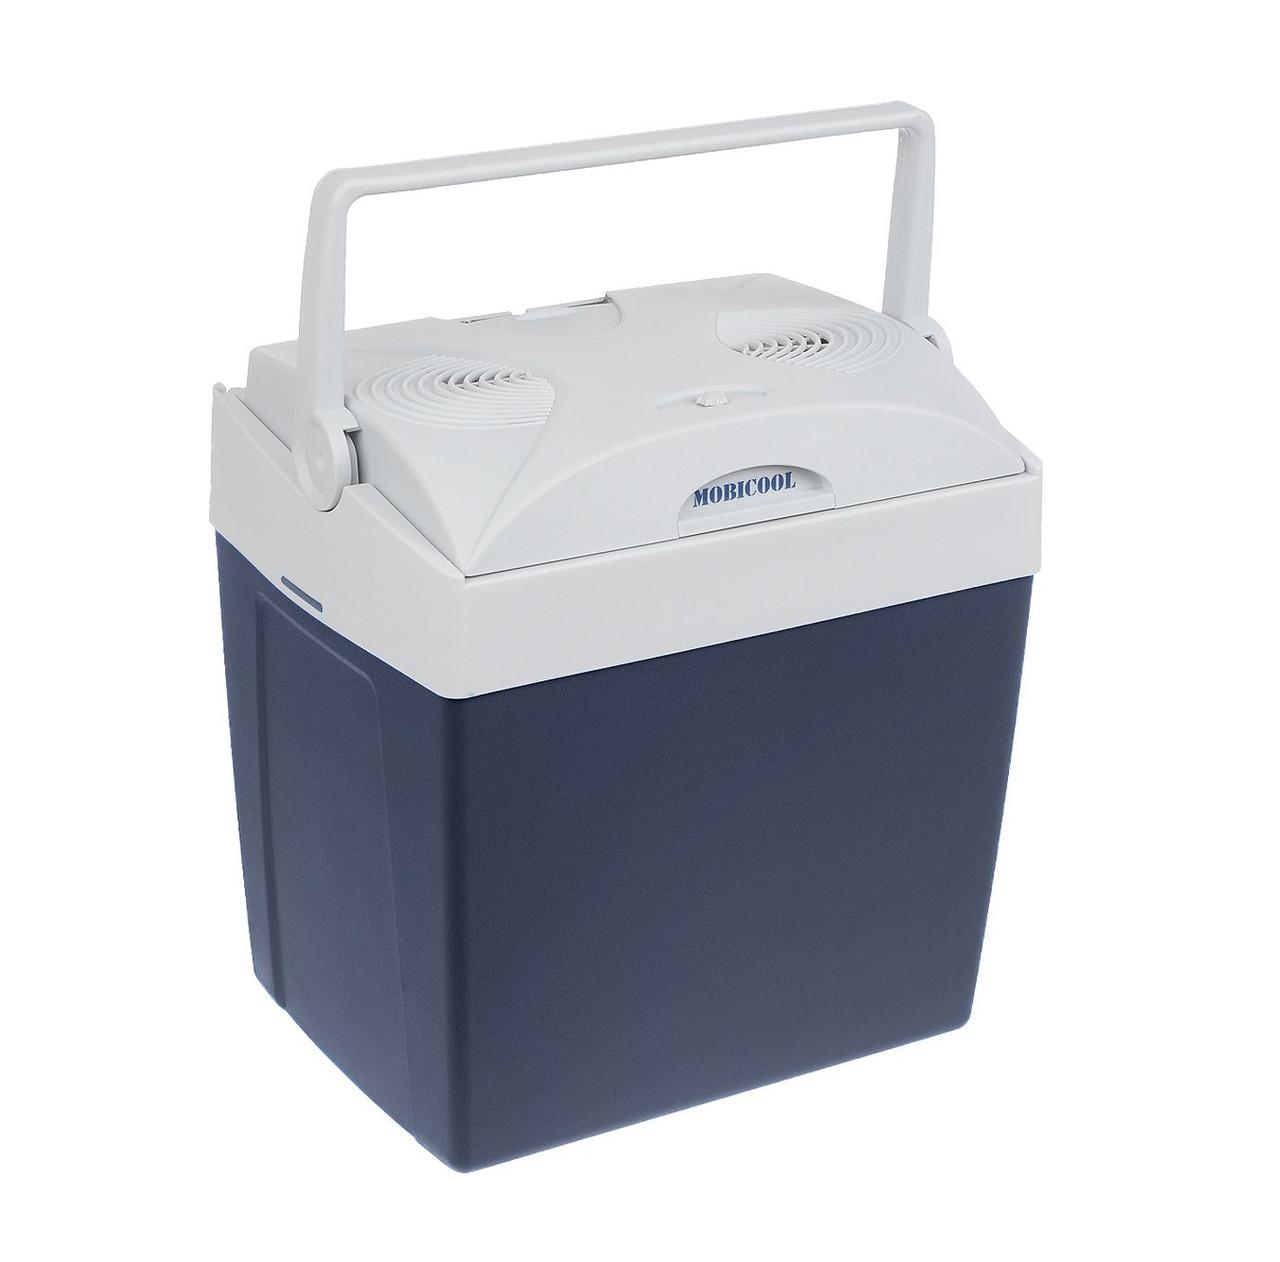 Автомобільний холодильник WAECO Mobicool V26, 26л. A++ 12v-230v (395 x 296 x 396 мм)